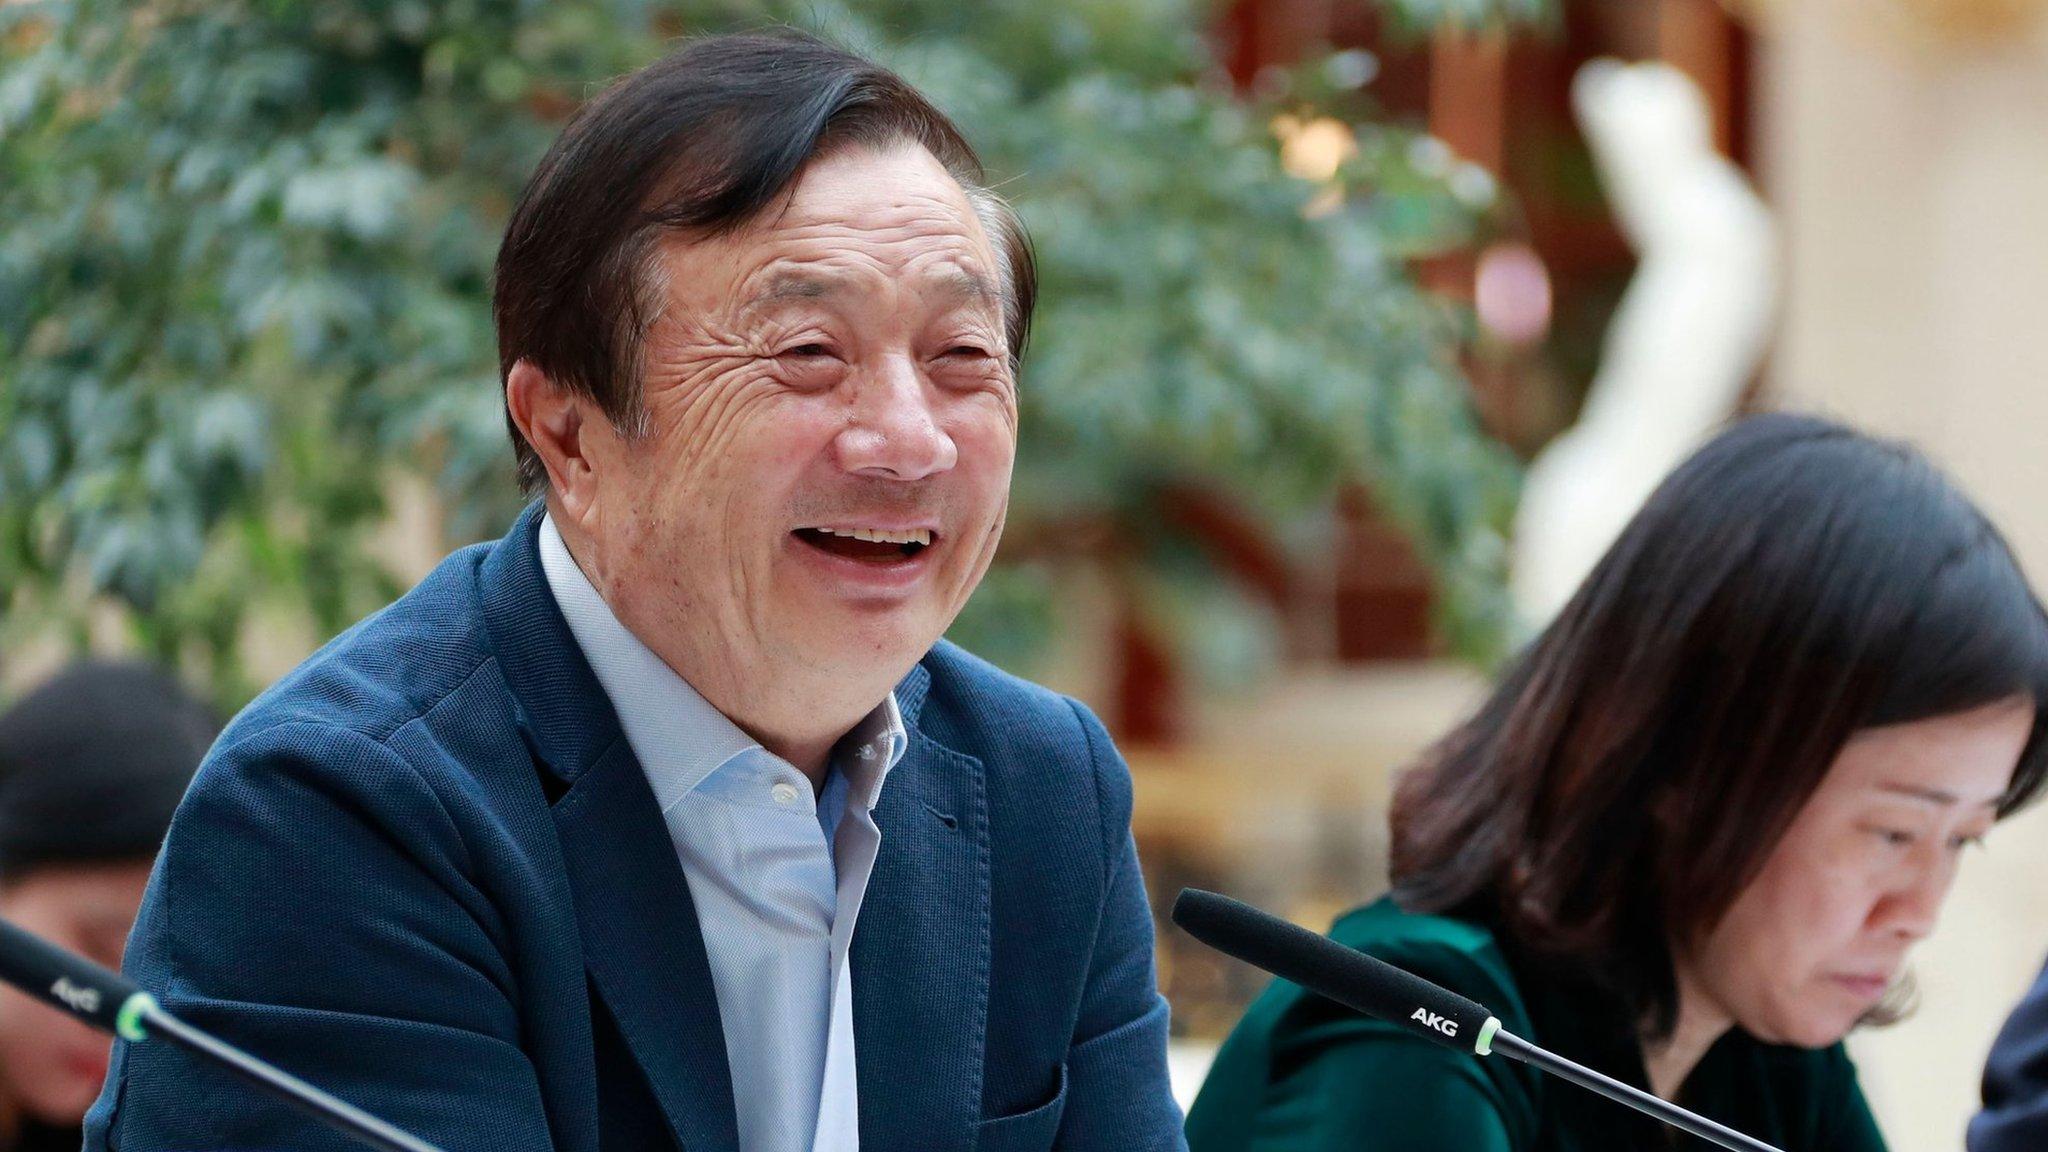 Ren Zhengfei: Huawei's reclusive founder